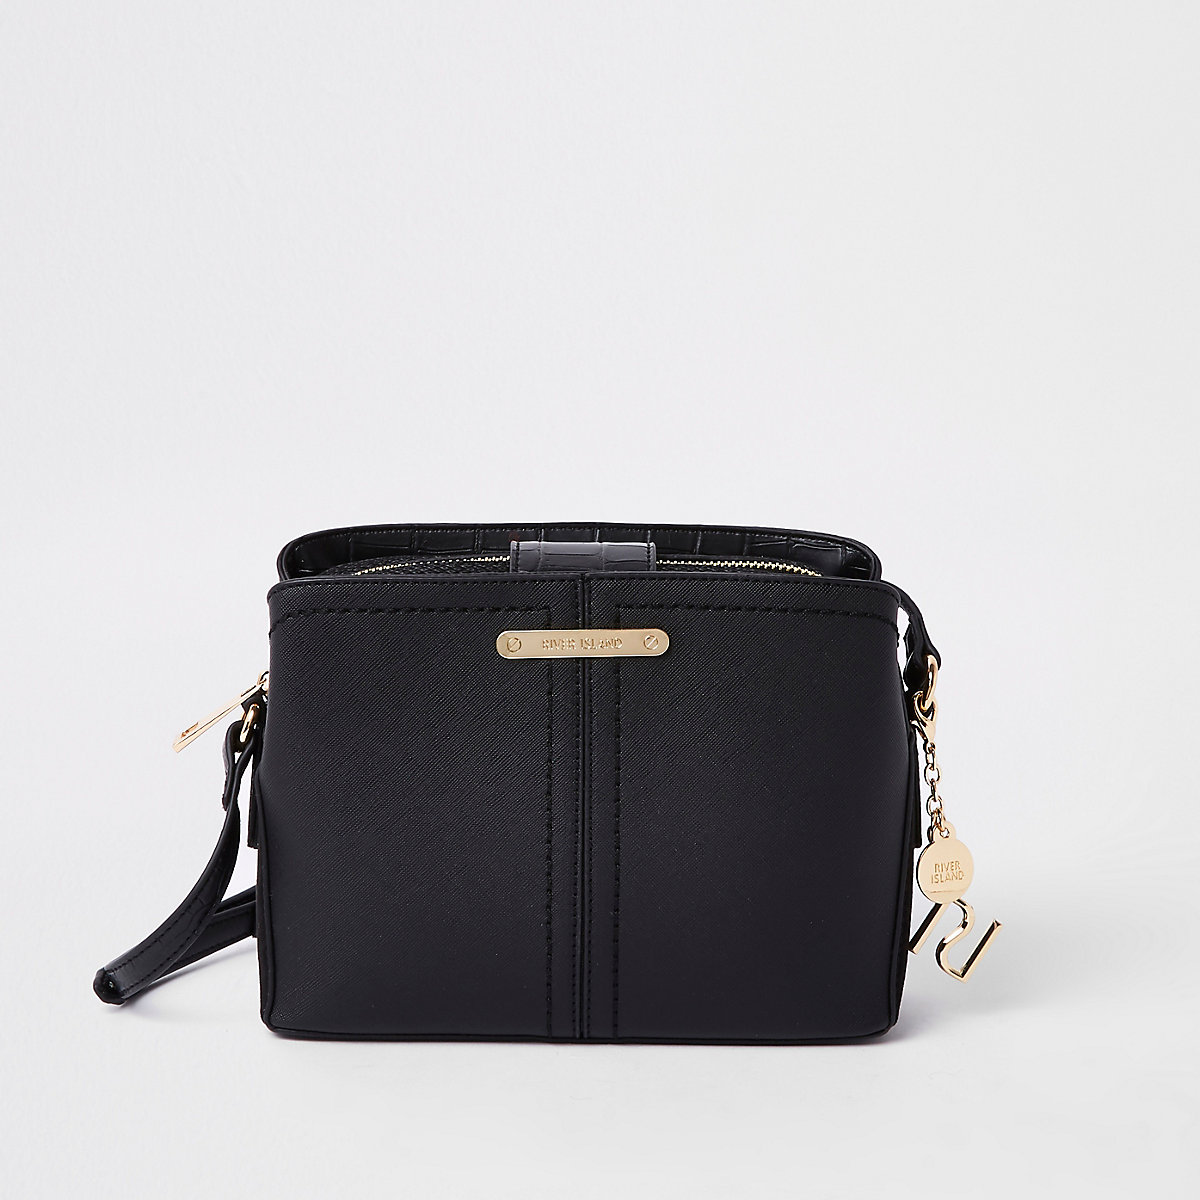 Schwarze, offene Tasche mit drei Fächern